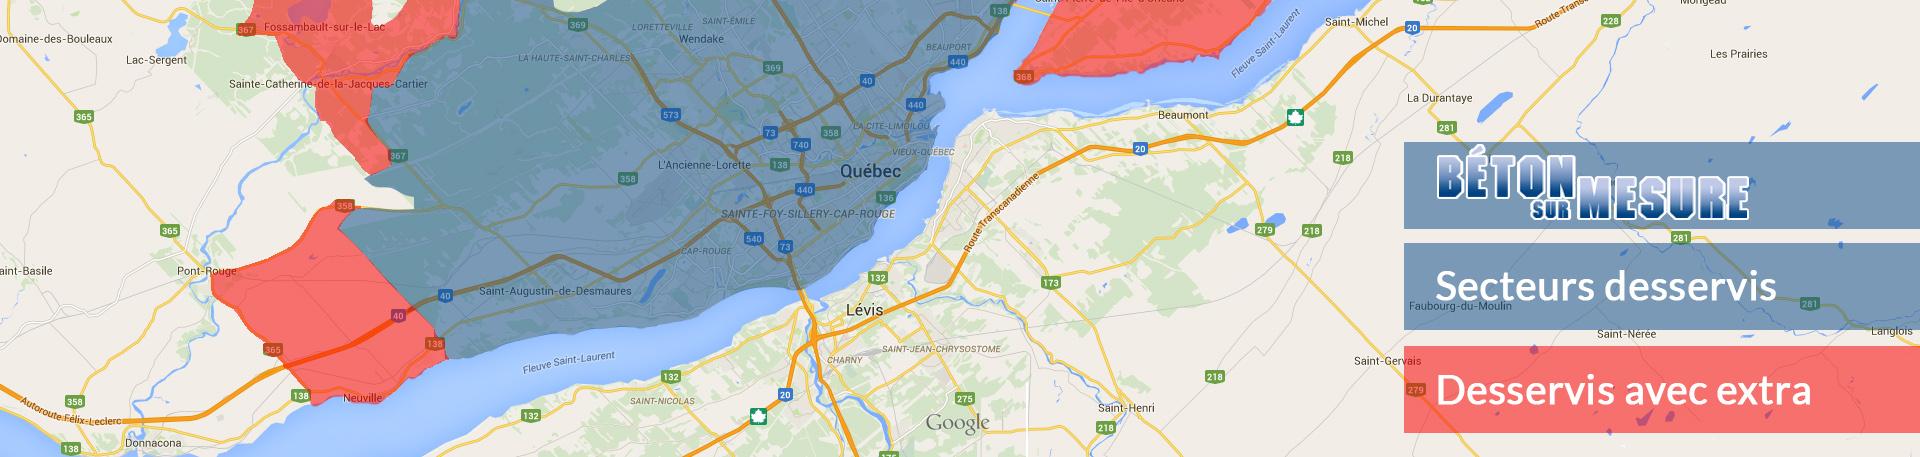 Livraison de béton à Québec : Carte des secteurs desservis